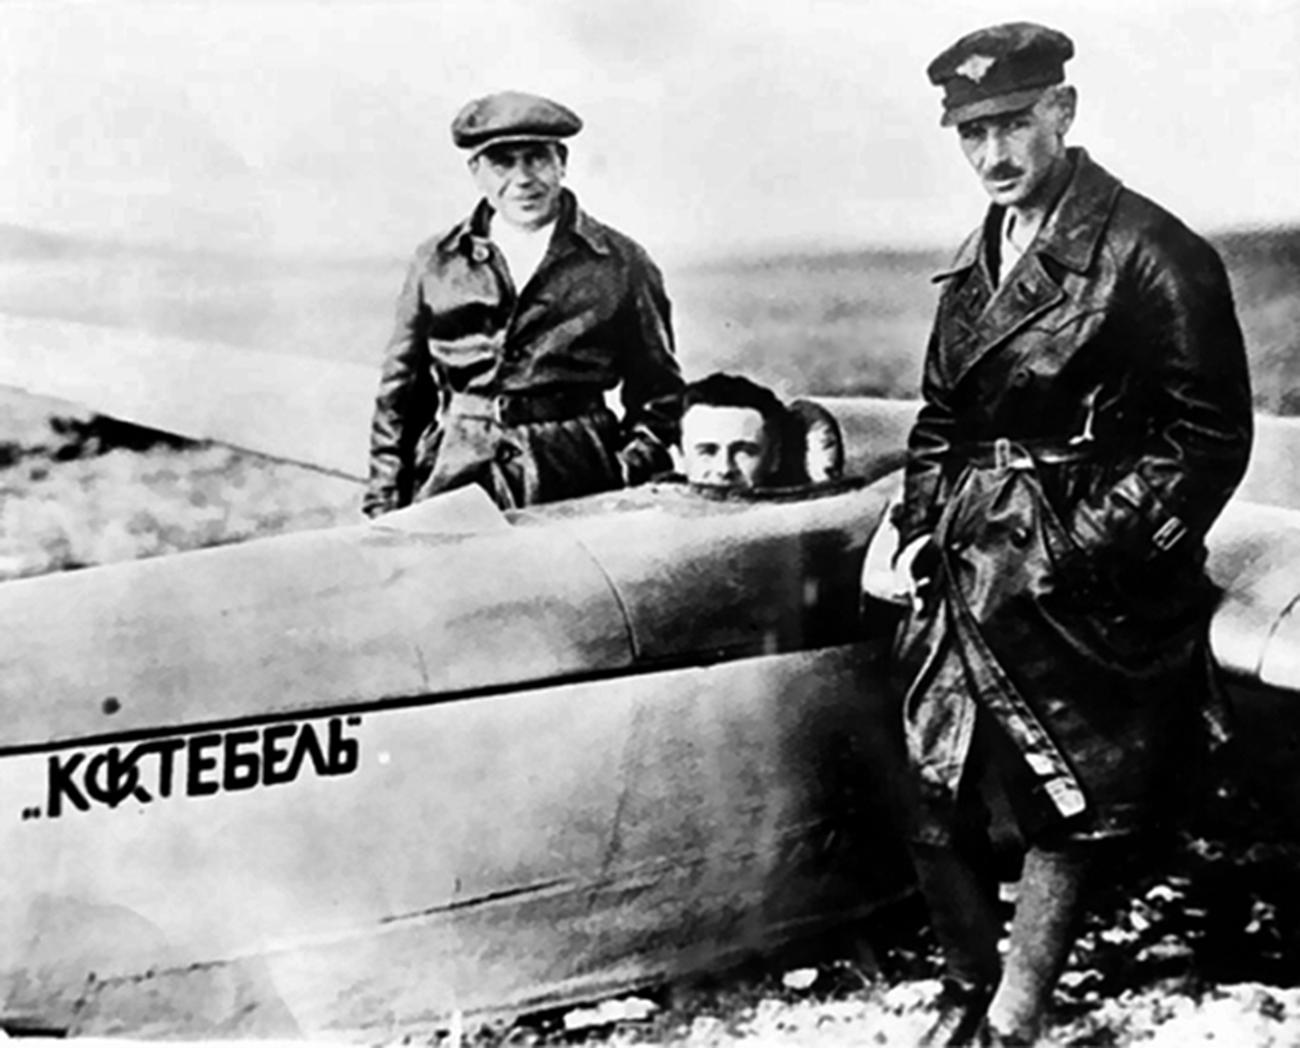 On dit que c'est la rencontre avec Konstantin Tsiolkovsky, père fondateur de l'astronautique, qui a pousséle jeune constructeur à porter son regard au-delà des limites de notre planète. En 1929, il se serait rendu chez le théoricien pour le consulter au sujet de ses planeurs, mais ce dernier lui aurait conseillé de se focaliser plutôt sur le problème du vol spatial. Si l'existence de cette rencontre n'a jamaisété confirmée, nous savons toutefois que les œuvres de Tsiolkovsky sur les vols vers d'autres planètes ont profondément impressionné Sergueï Korolev.  Sur la photo : dans le cockpit du planeur Koktebel.